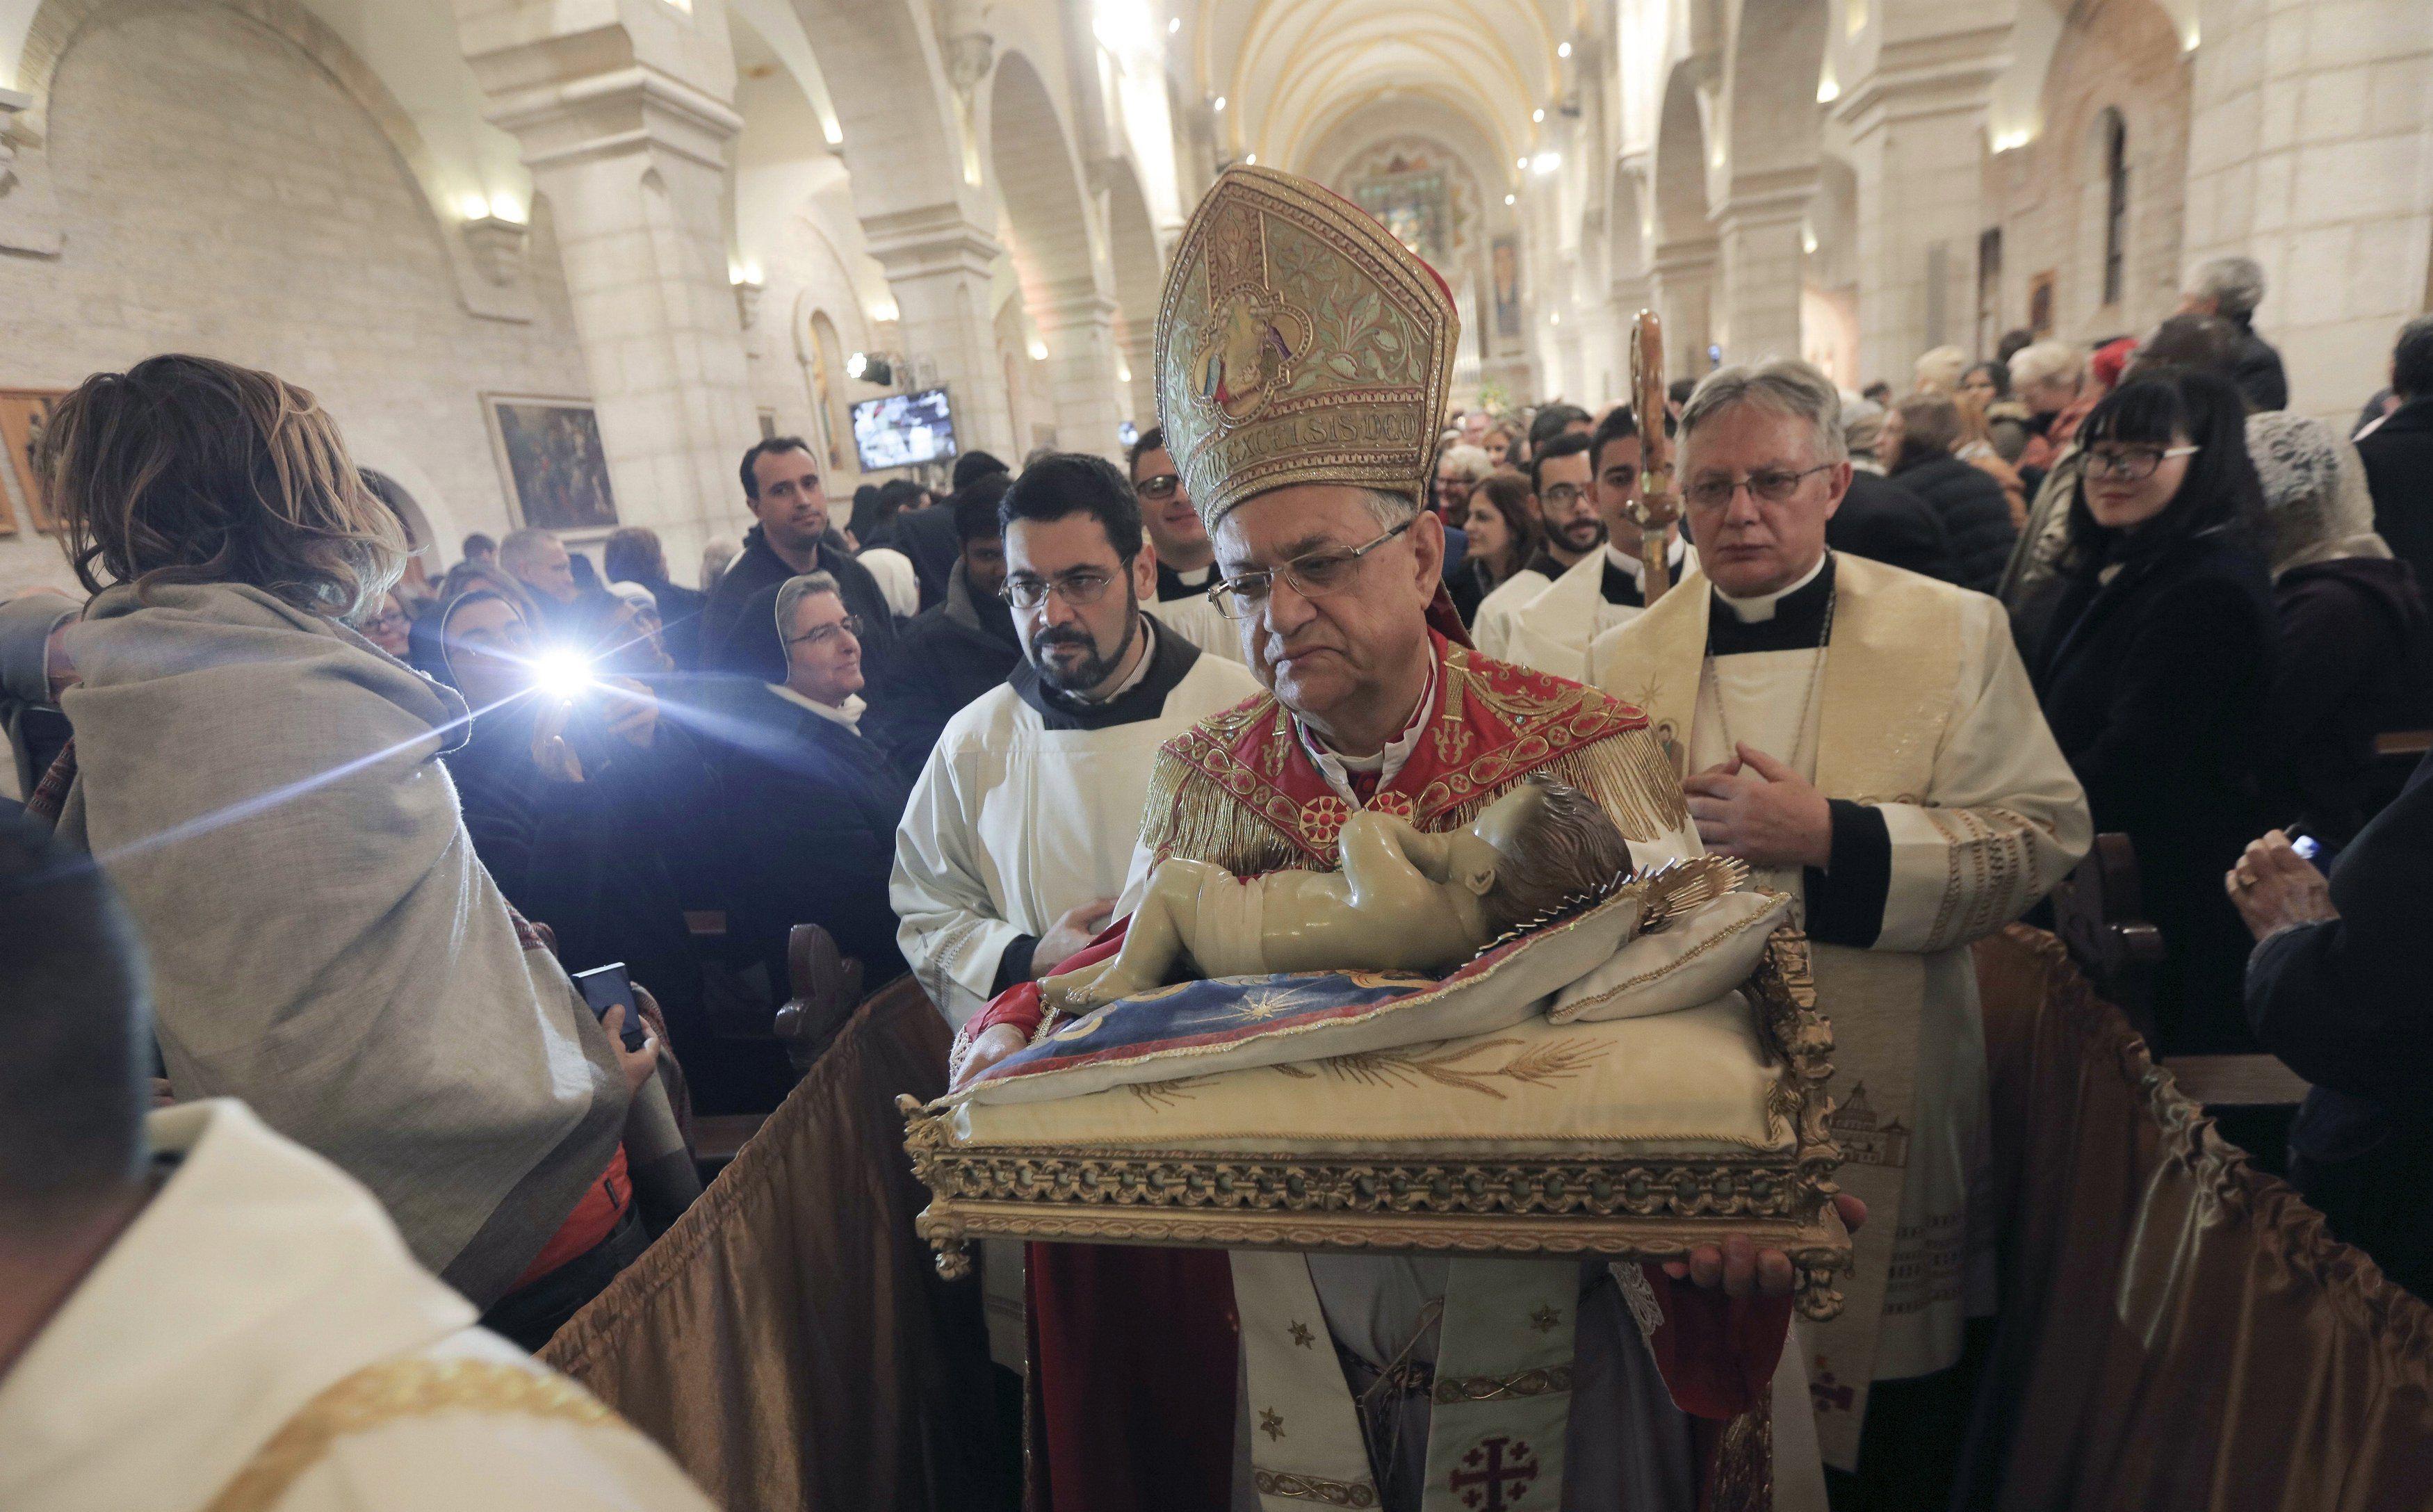 Сегодня у католиков и протестантов Рождество: опубликованы фото мессы в Иерусалиме